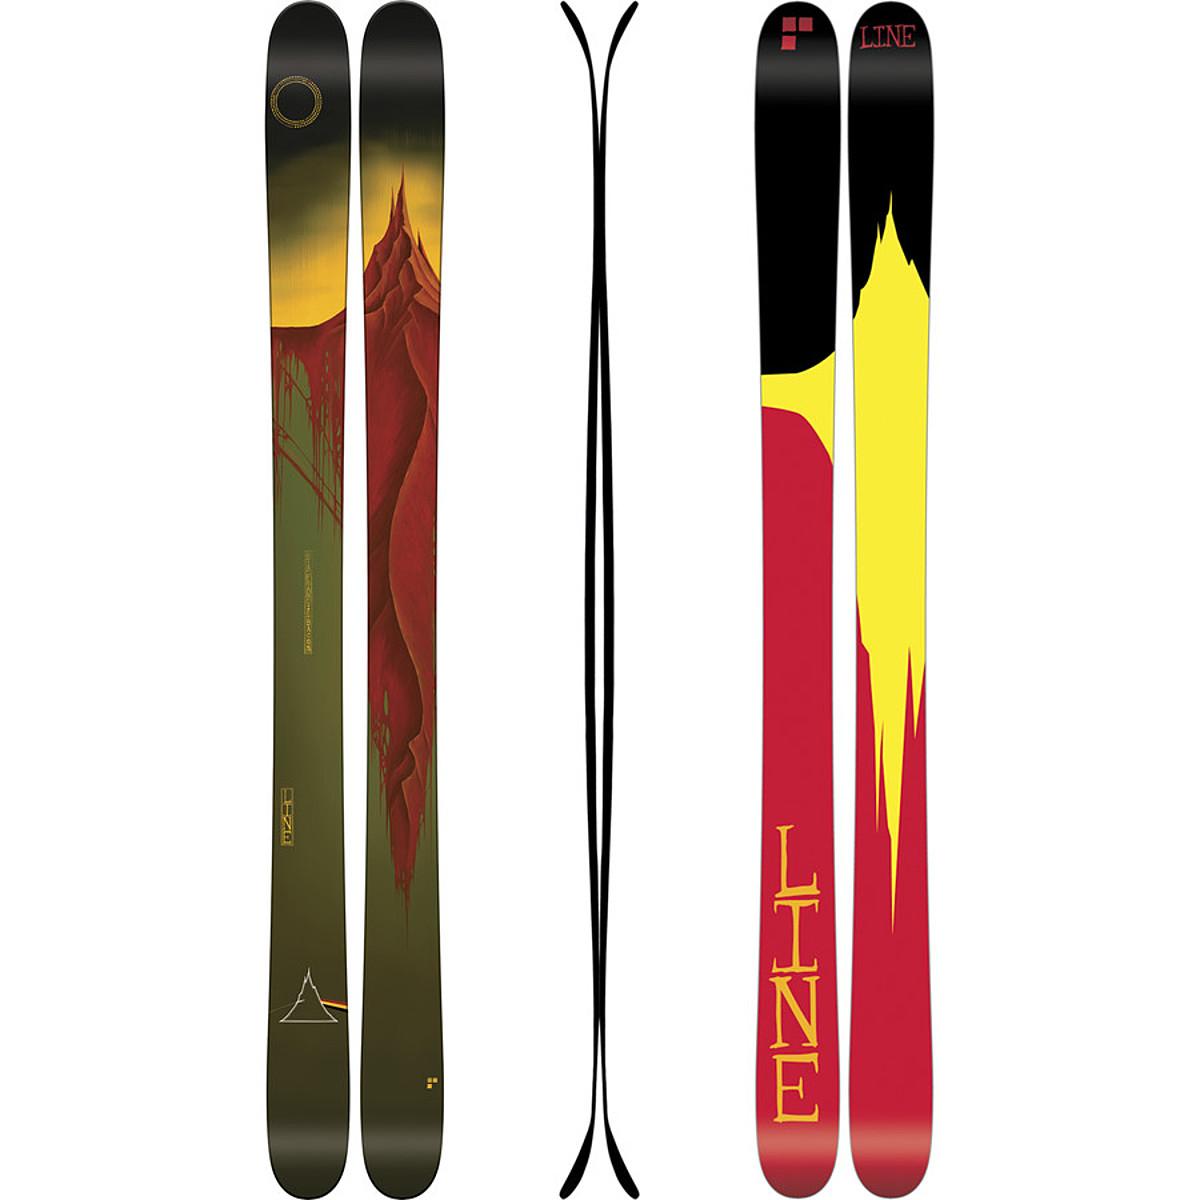 Line Skis Sir Francis Bacon Ski